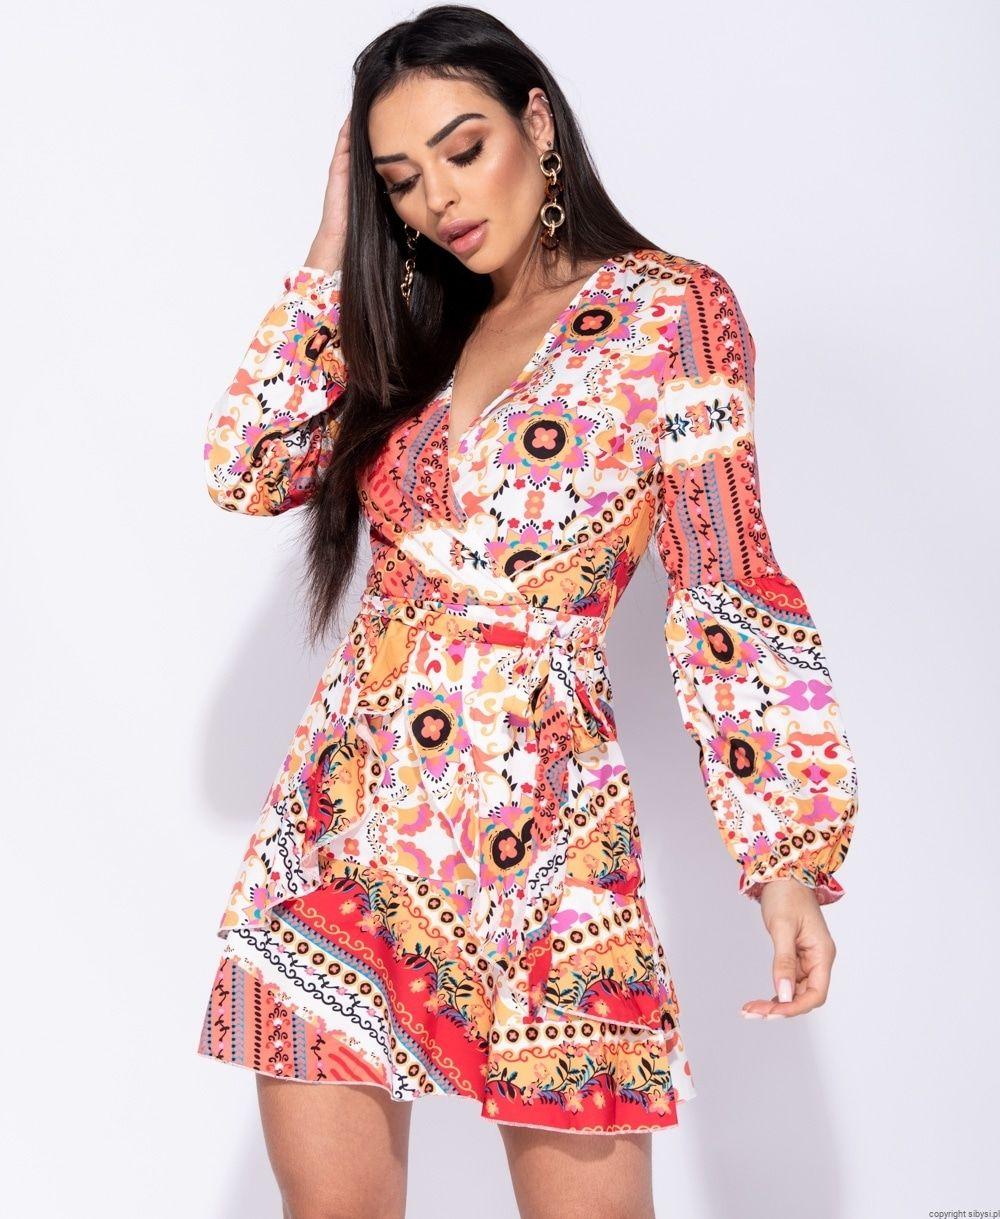 Zwiewna Sukienka W Kwiaty Scarf Print Dresses With Sleeves Boho Fashion Wrap Dress